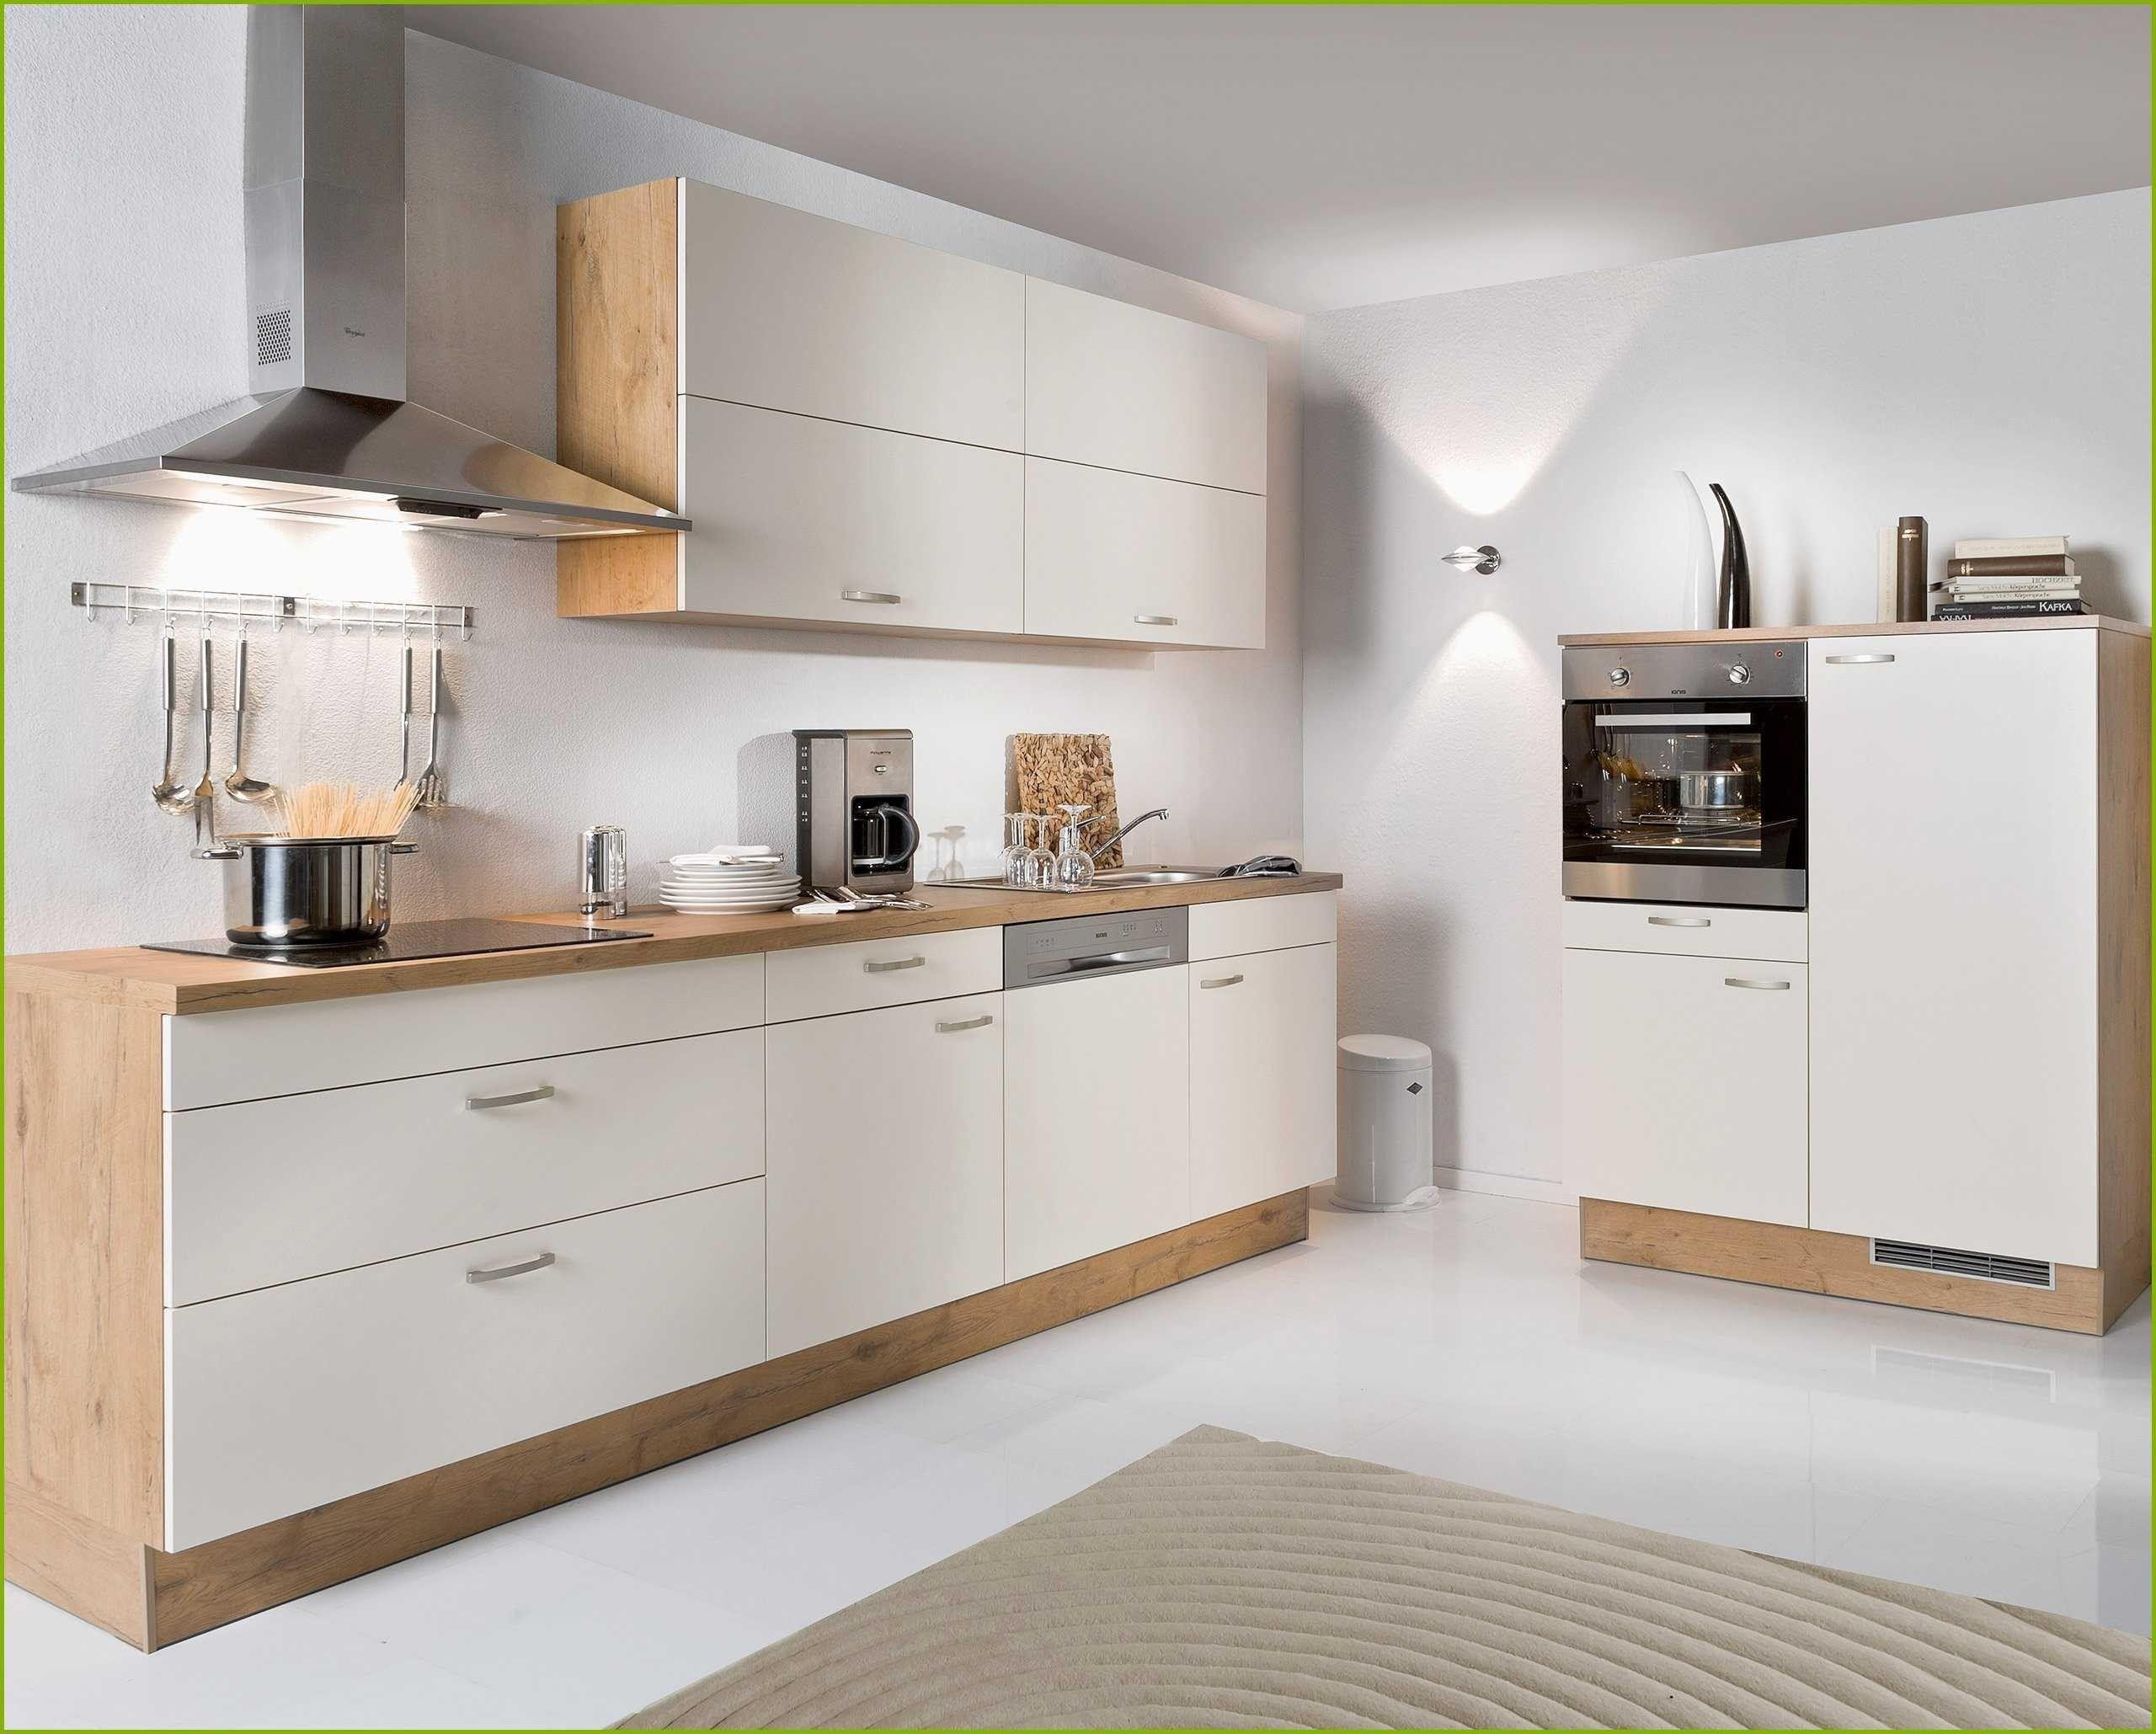 Full Size of Java Schiefer Arbeitsplatte Küche Sideboard Mit Arbeitsplatten Wohnzimmer Java Schiefer Arbeitsplatte